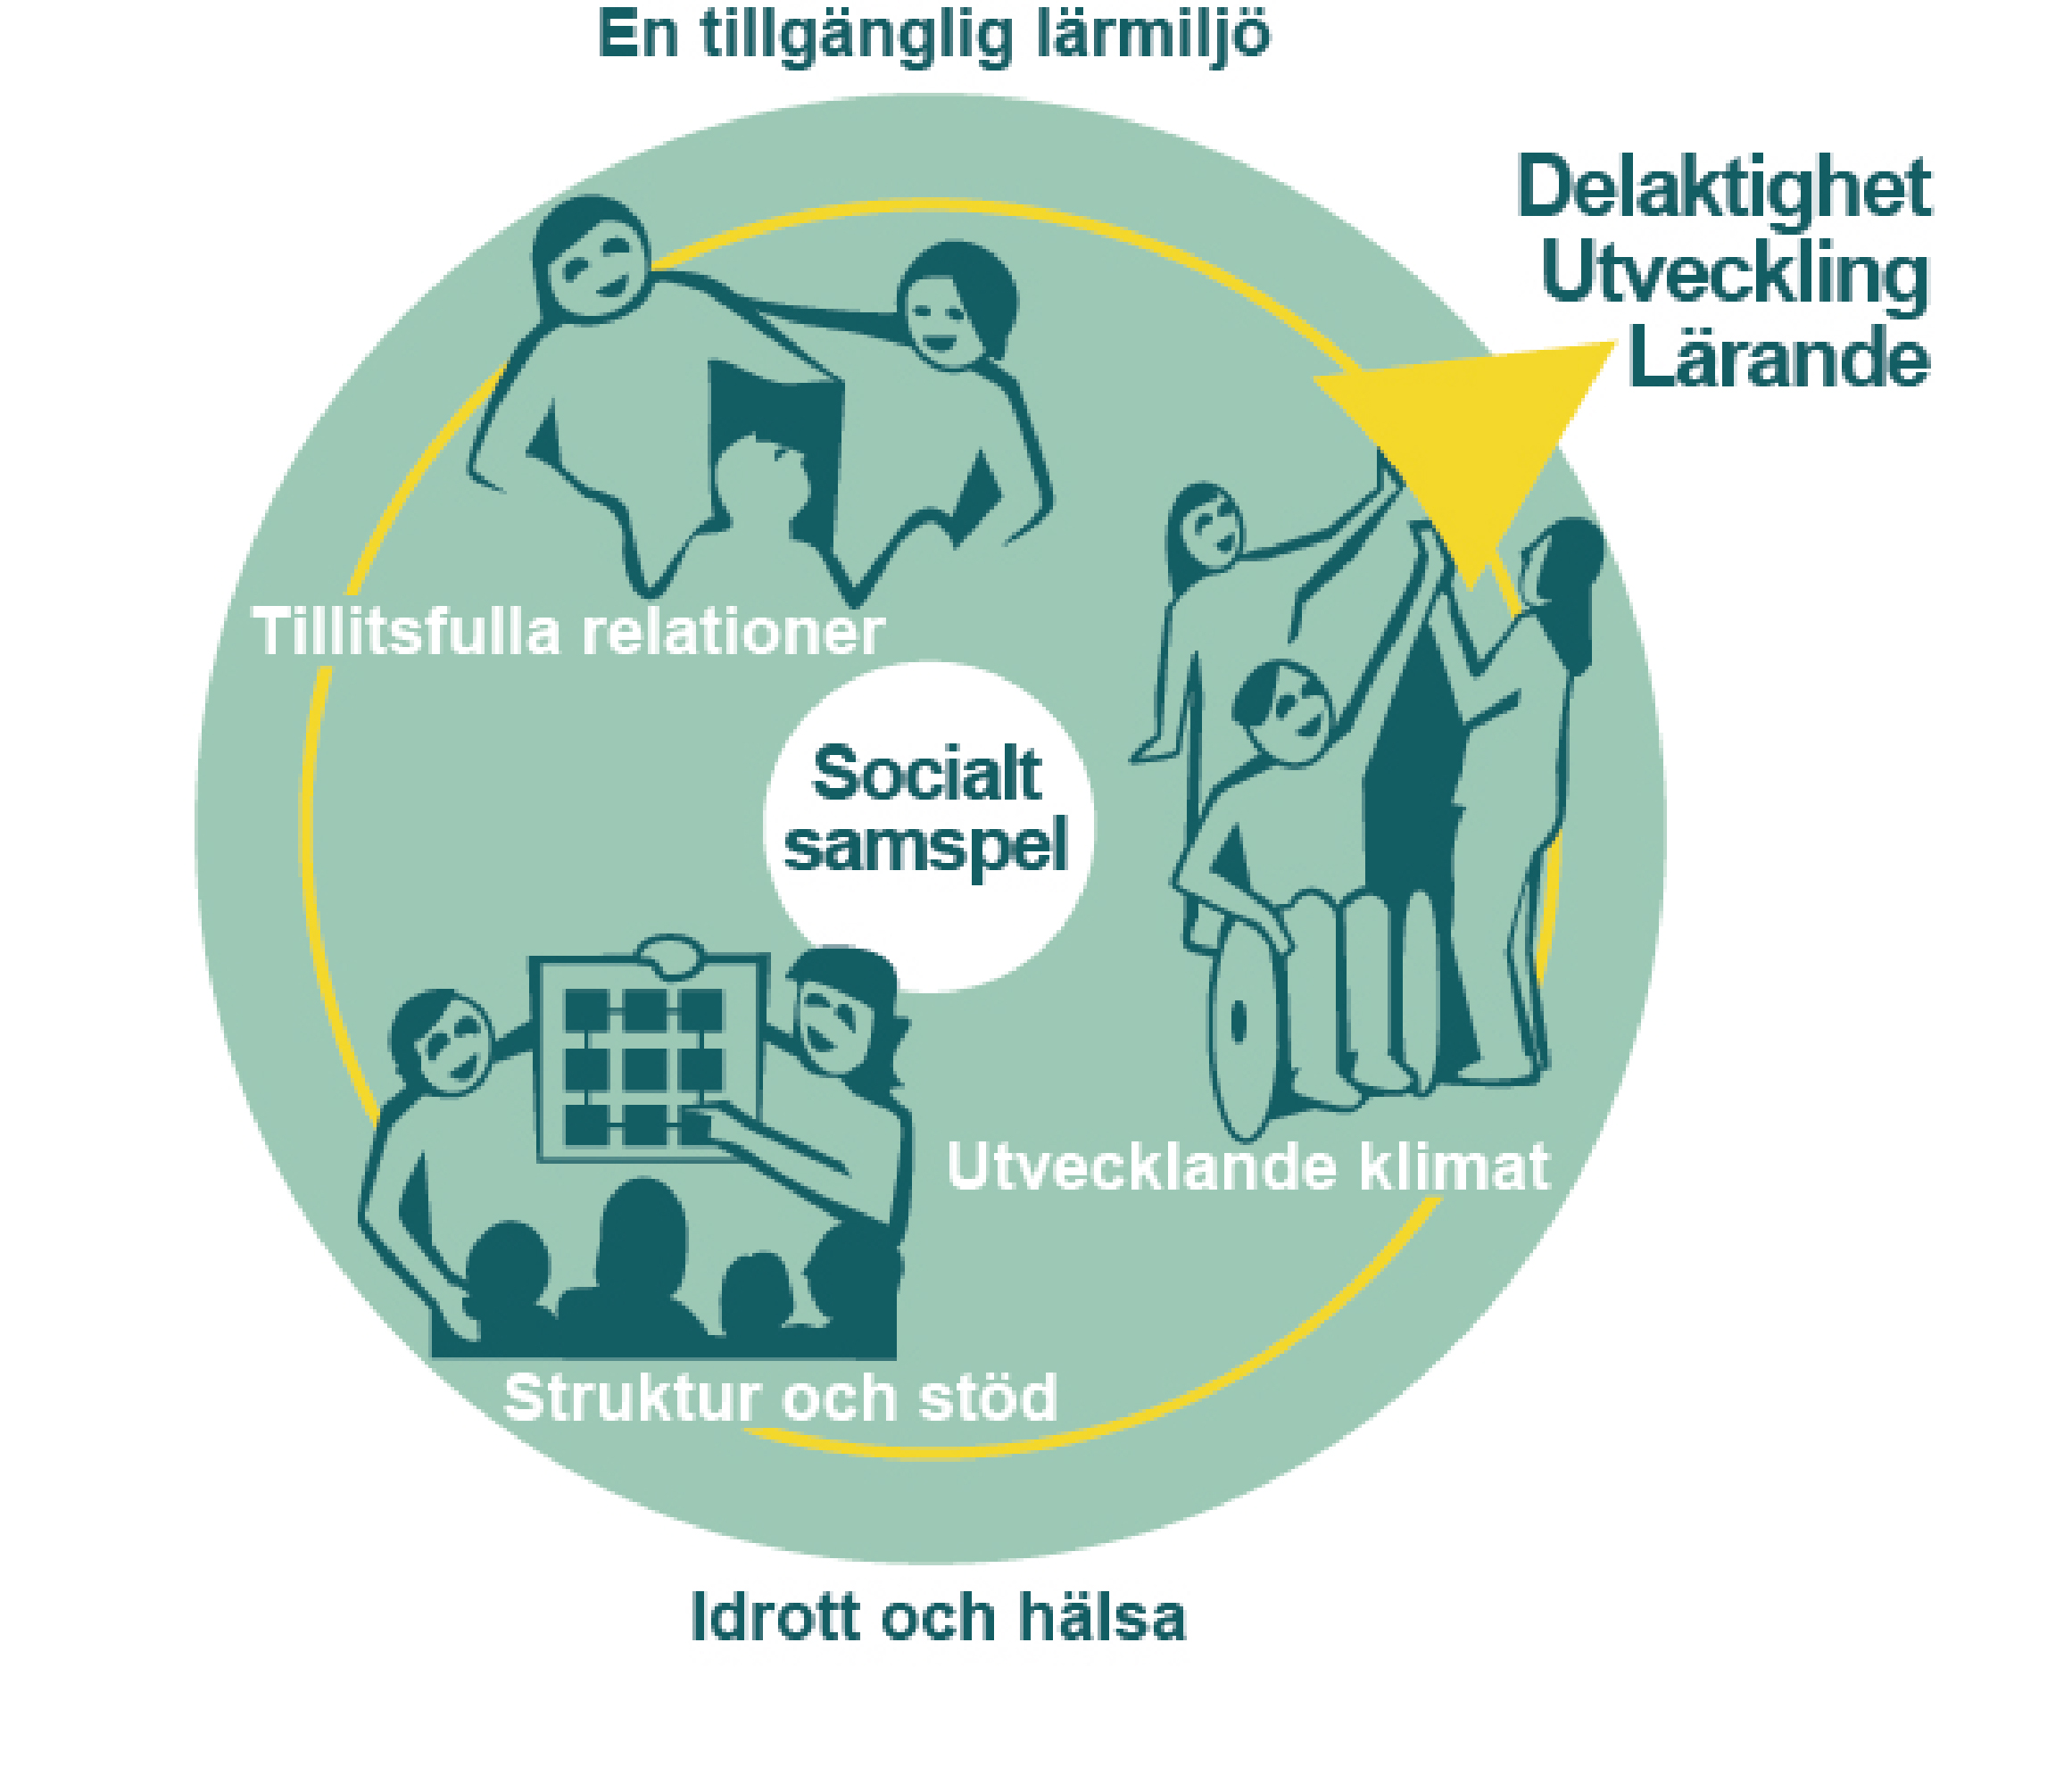 En illustration som beskriver hur tillitsfulla relationer, struktur och stöd samt utvecklande klimat hänger samman runt navet socialt samspel. Dessa i kombination leder till delaktighet, utveckling och lärande, en tillgänglig lärmiljö i ämnet idrott och hälsa.